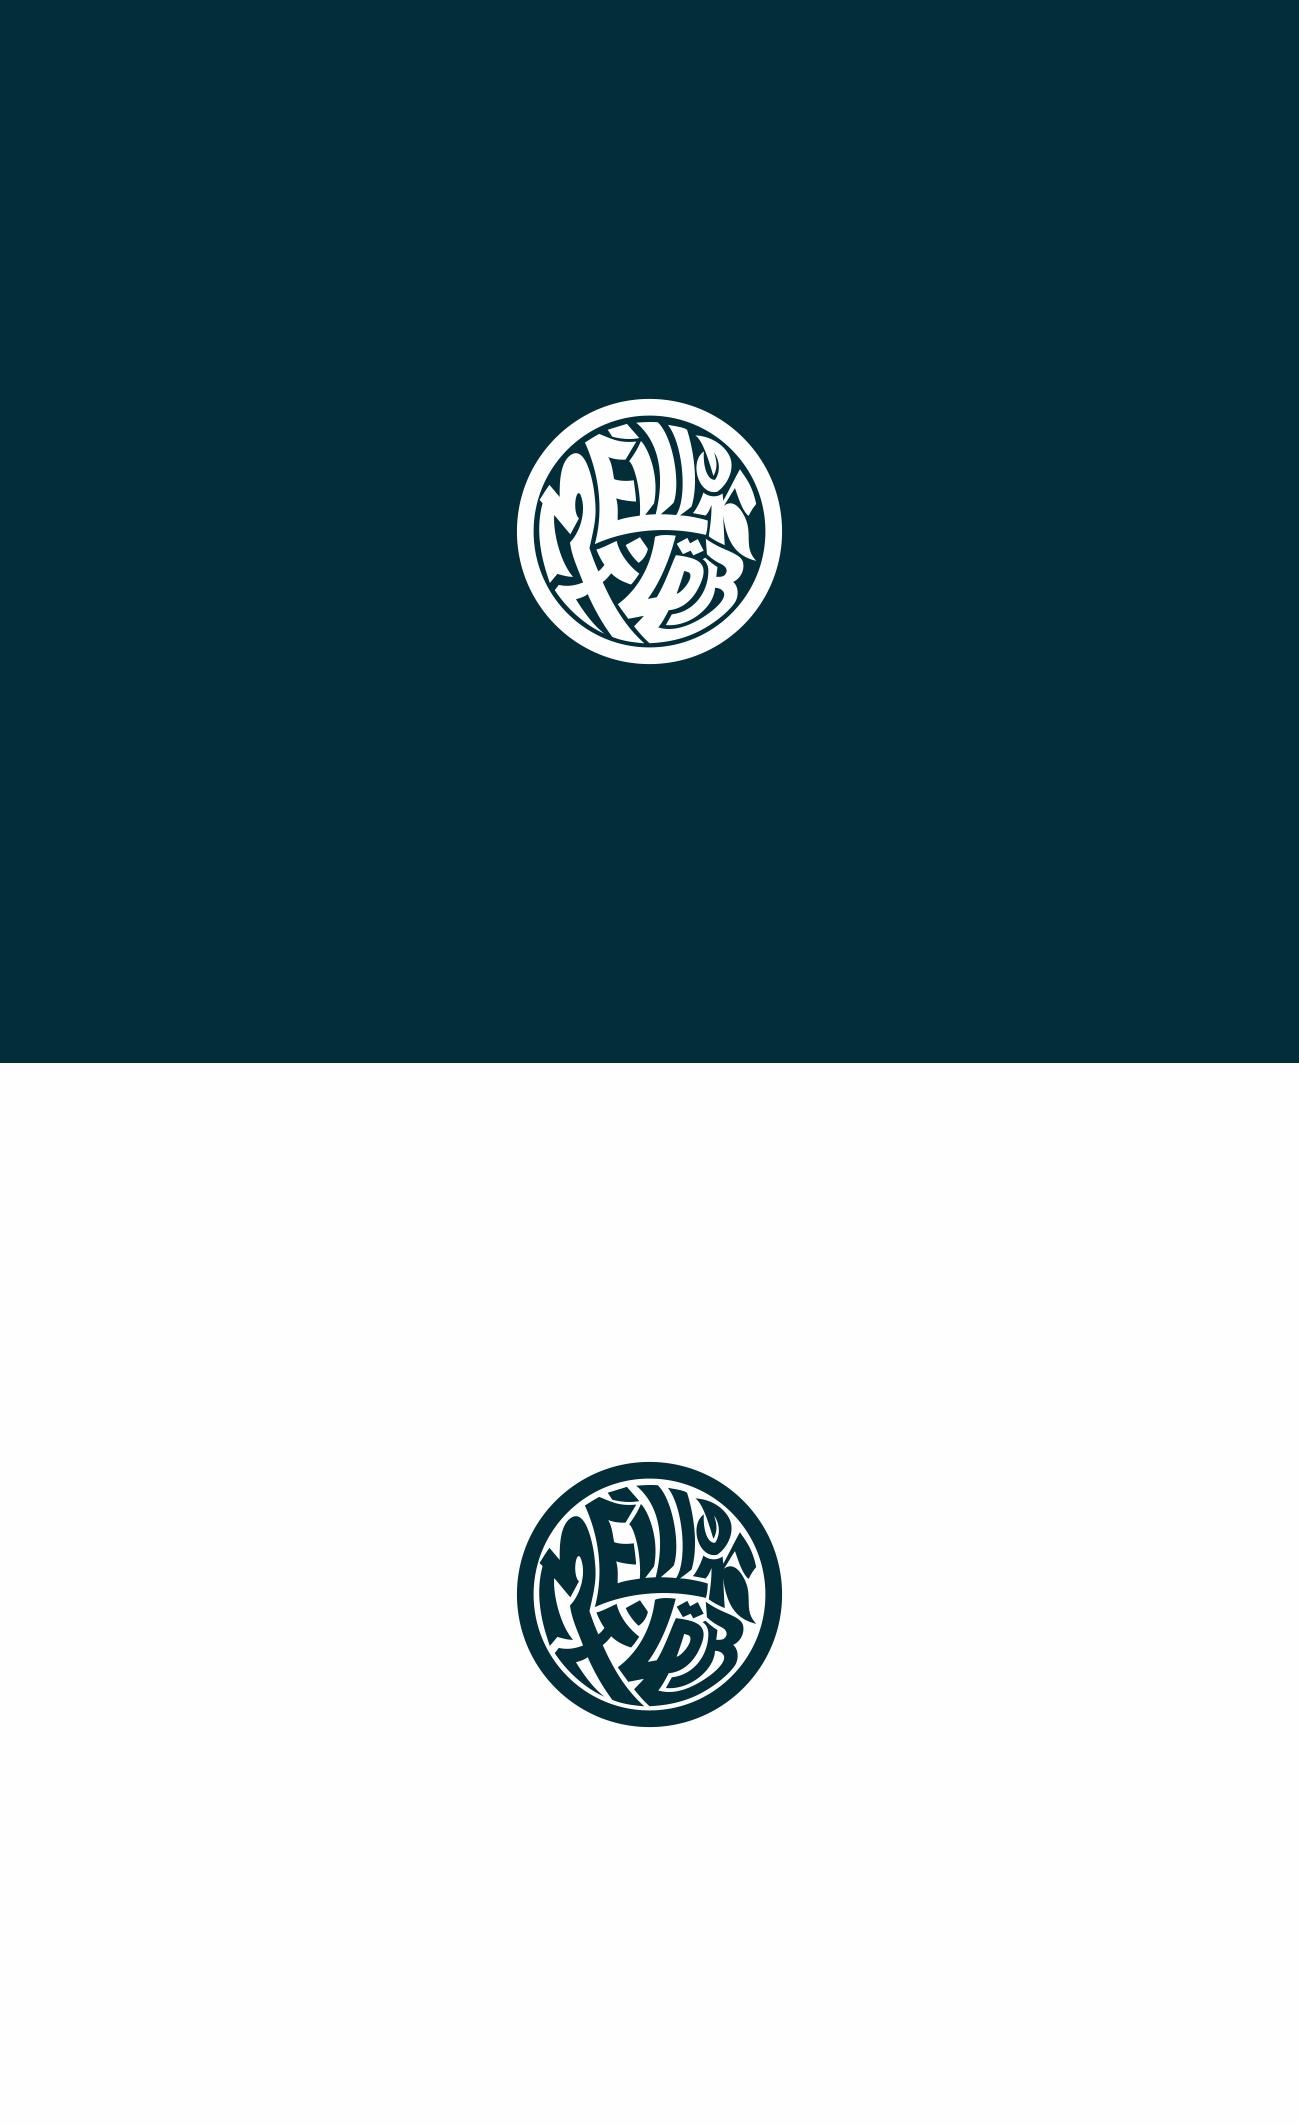 Конкурс! Каллиграфия! Логотип! фото f_41260631cbaa6768.jpg